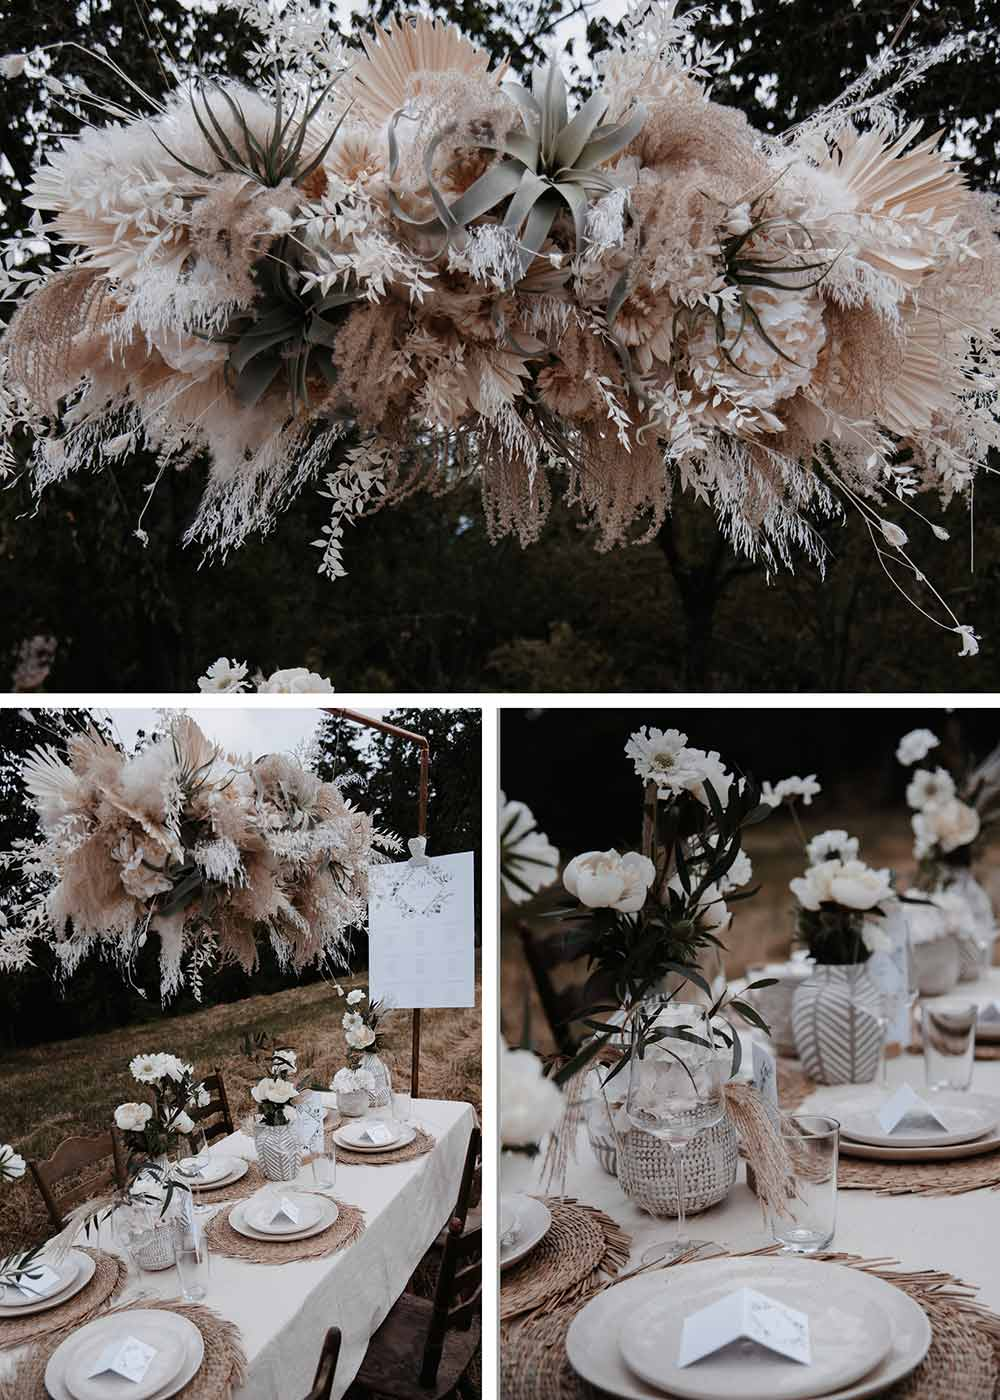 Die auffällige Blumendeko an den Hochzeitstischen ist. ein richtiger Eyecatcher. Über den Tischen hängen zauberhafte Gestecke aus wilden Blumen und Gräsern in beige, passend zur restlichen Deko.